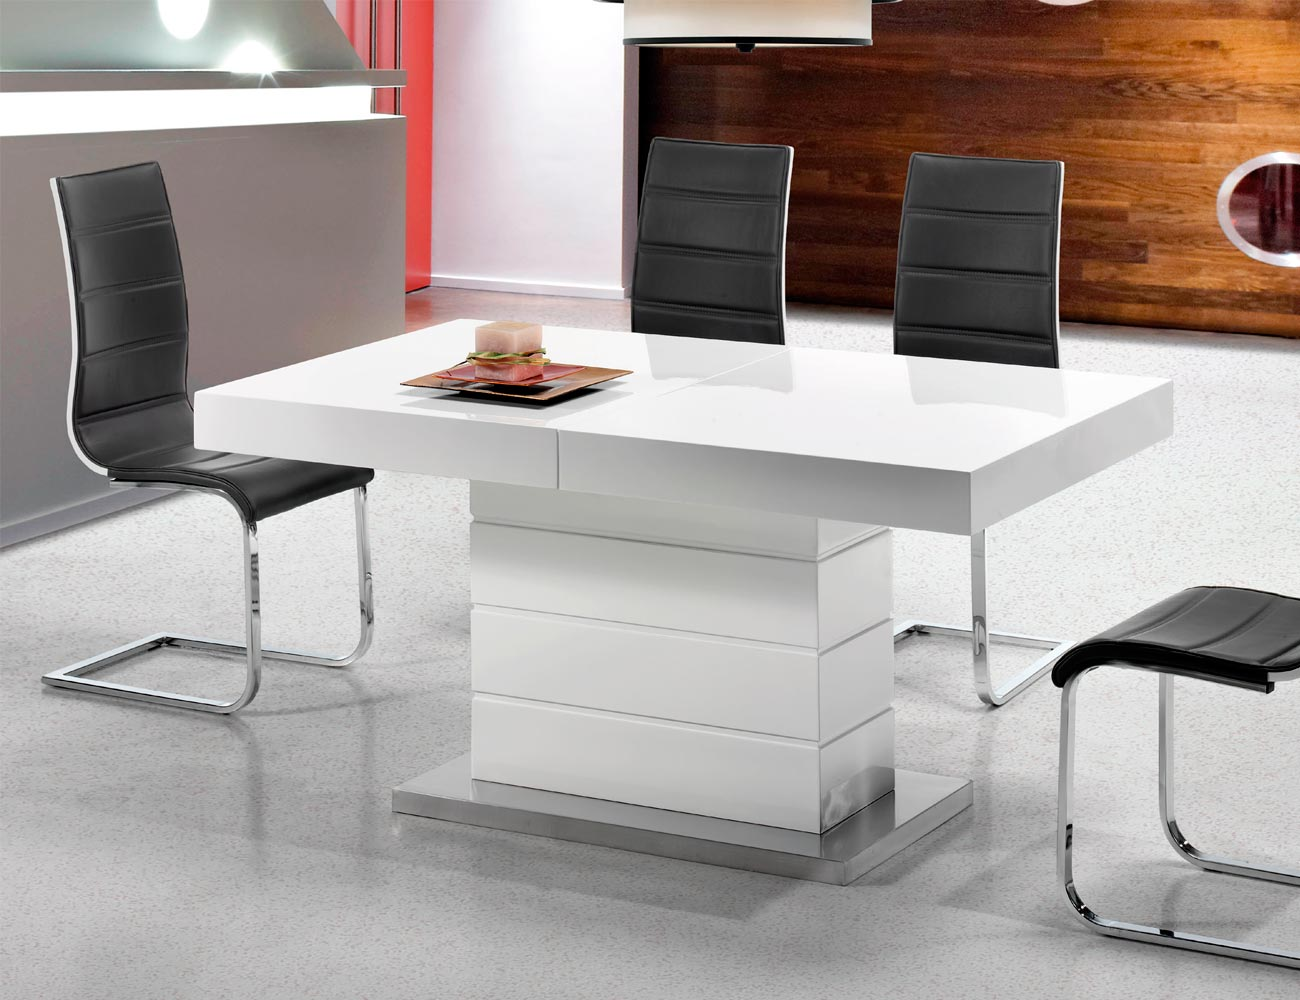 Mesa de comedor en blanco alto brillo extensible de 150 a for Mesa comedor ovalada blanca